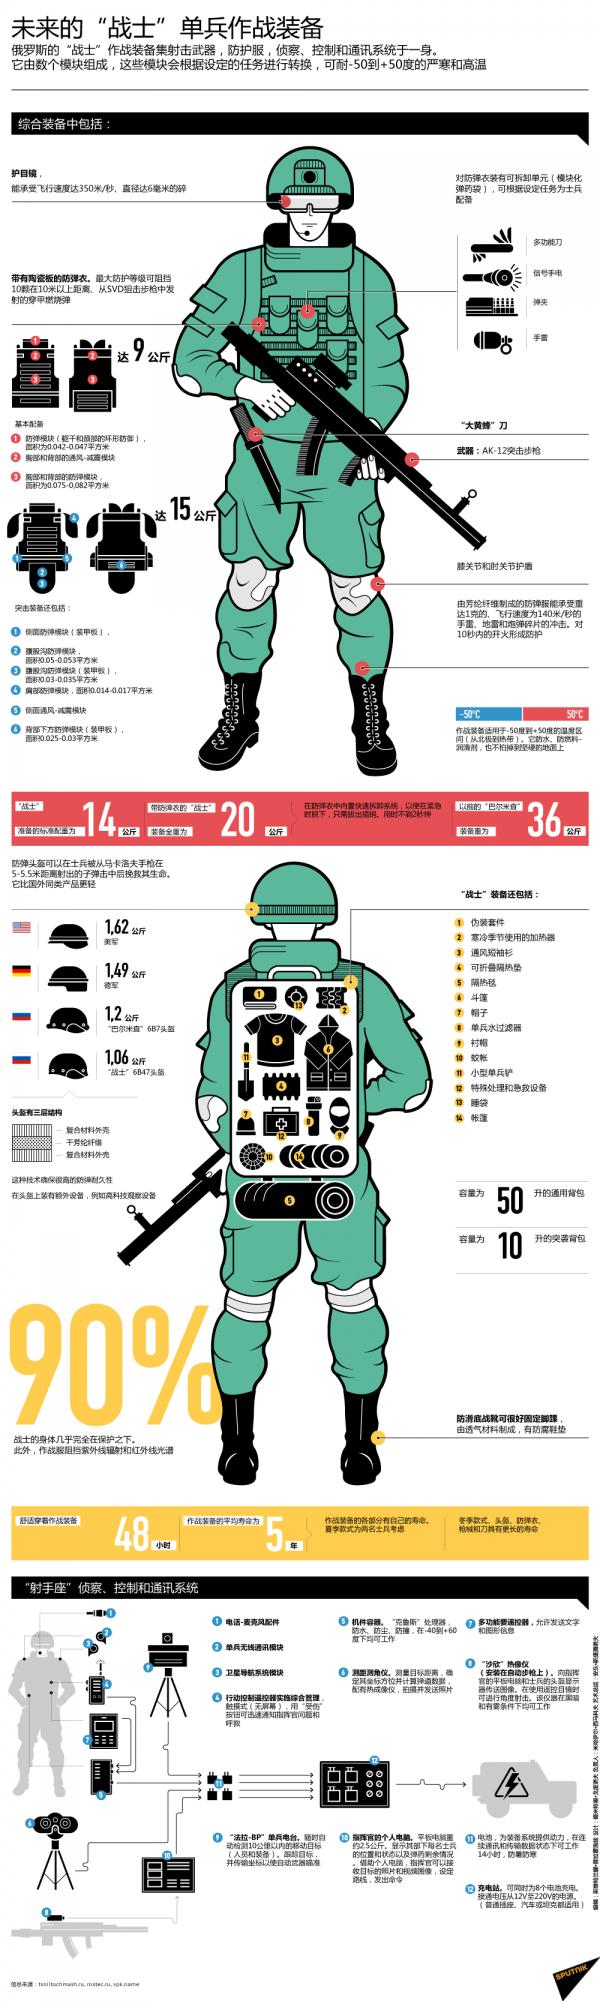 我军试穿俄新型单兵作战系统 该系统曾在叙利亚参战